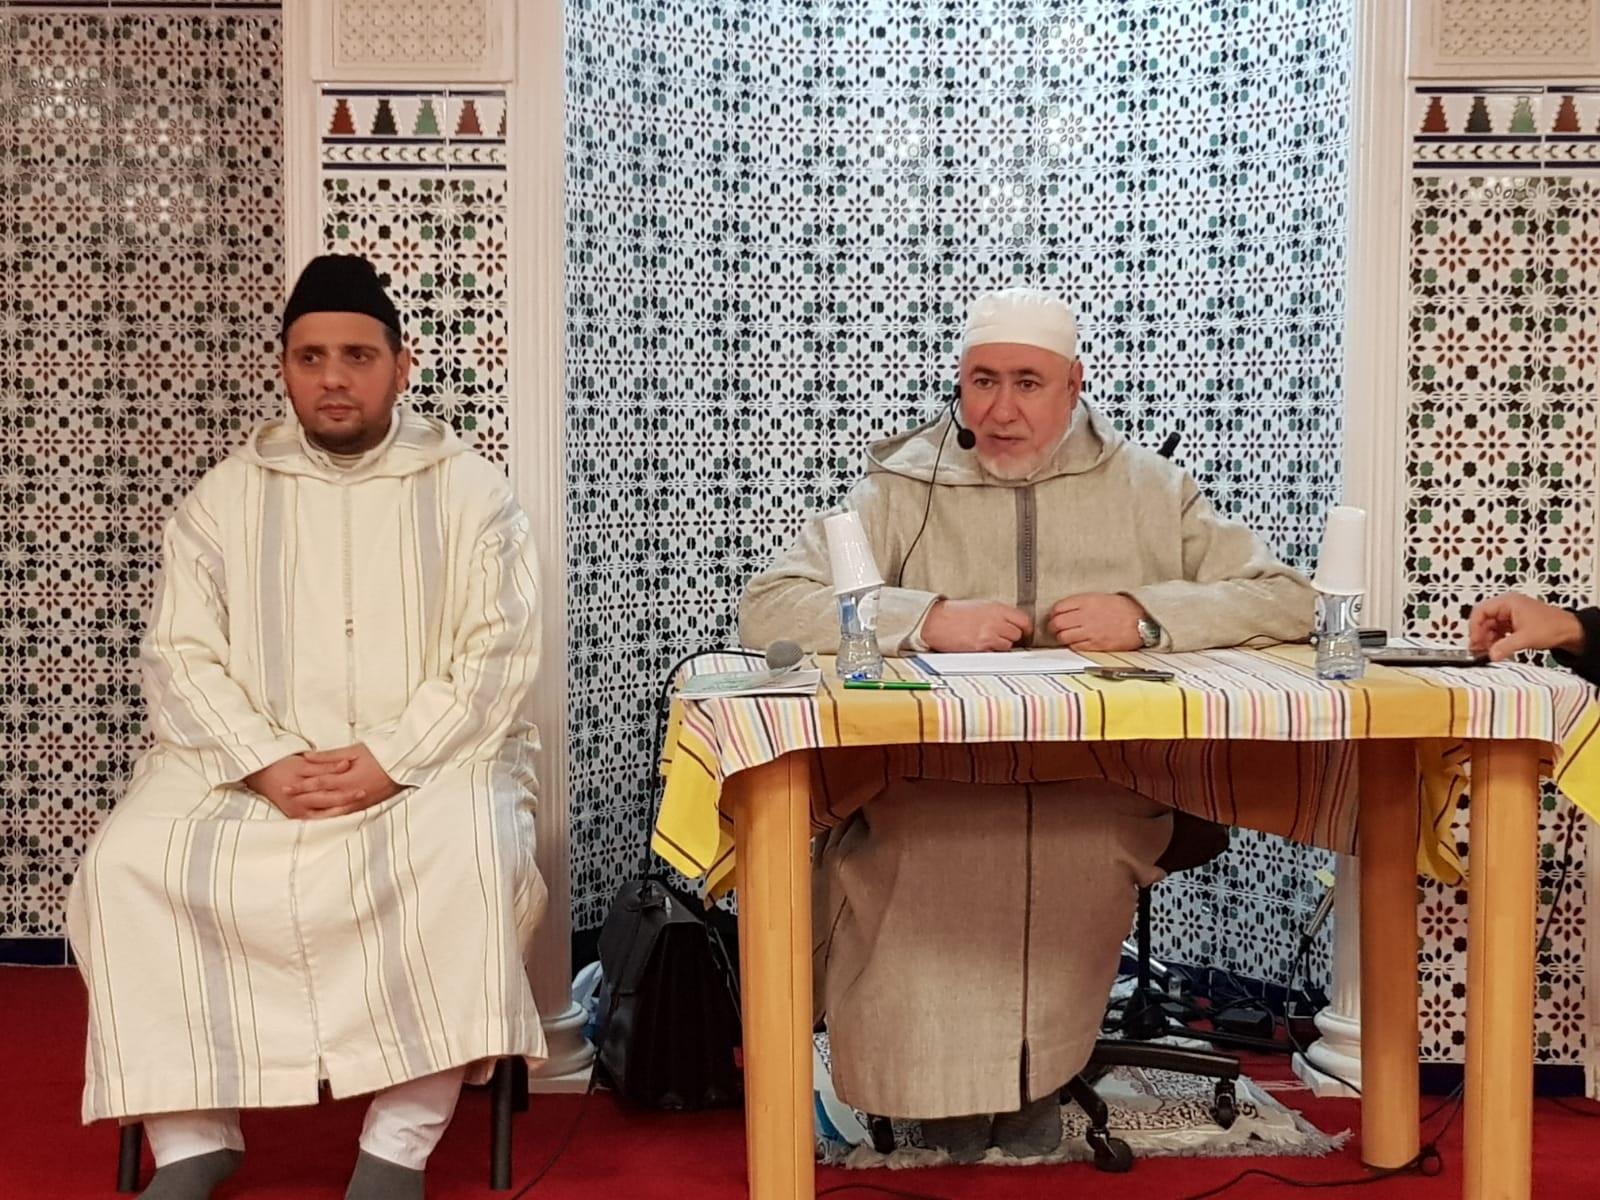 محاضرة قيمة لفضيلة الشيخ الطاهر التجكاني بمسجد حمزة ببروكسيل.